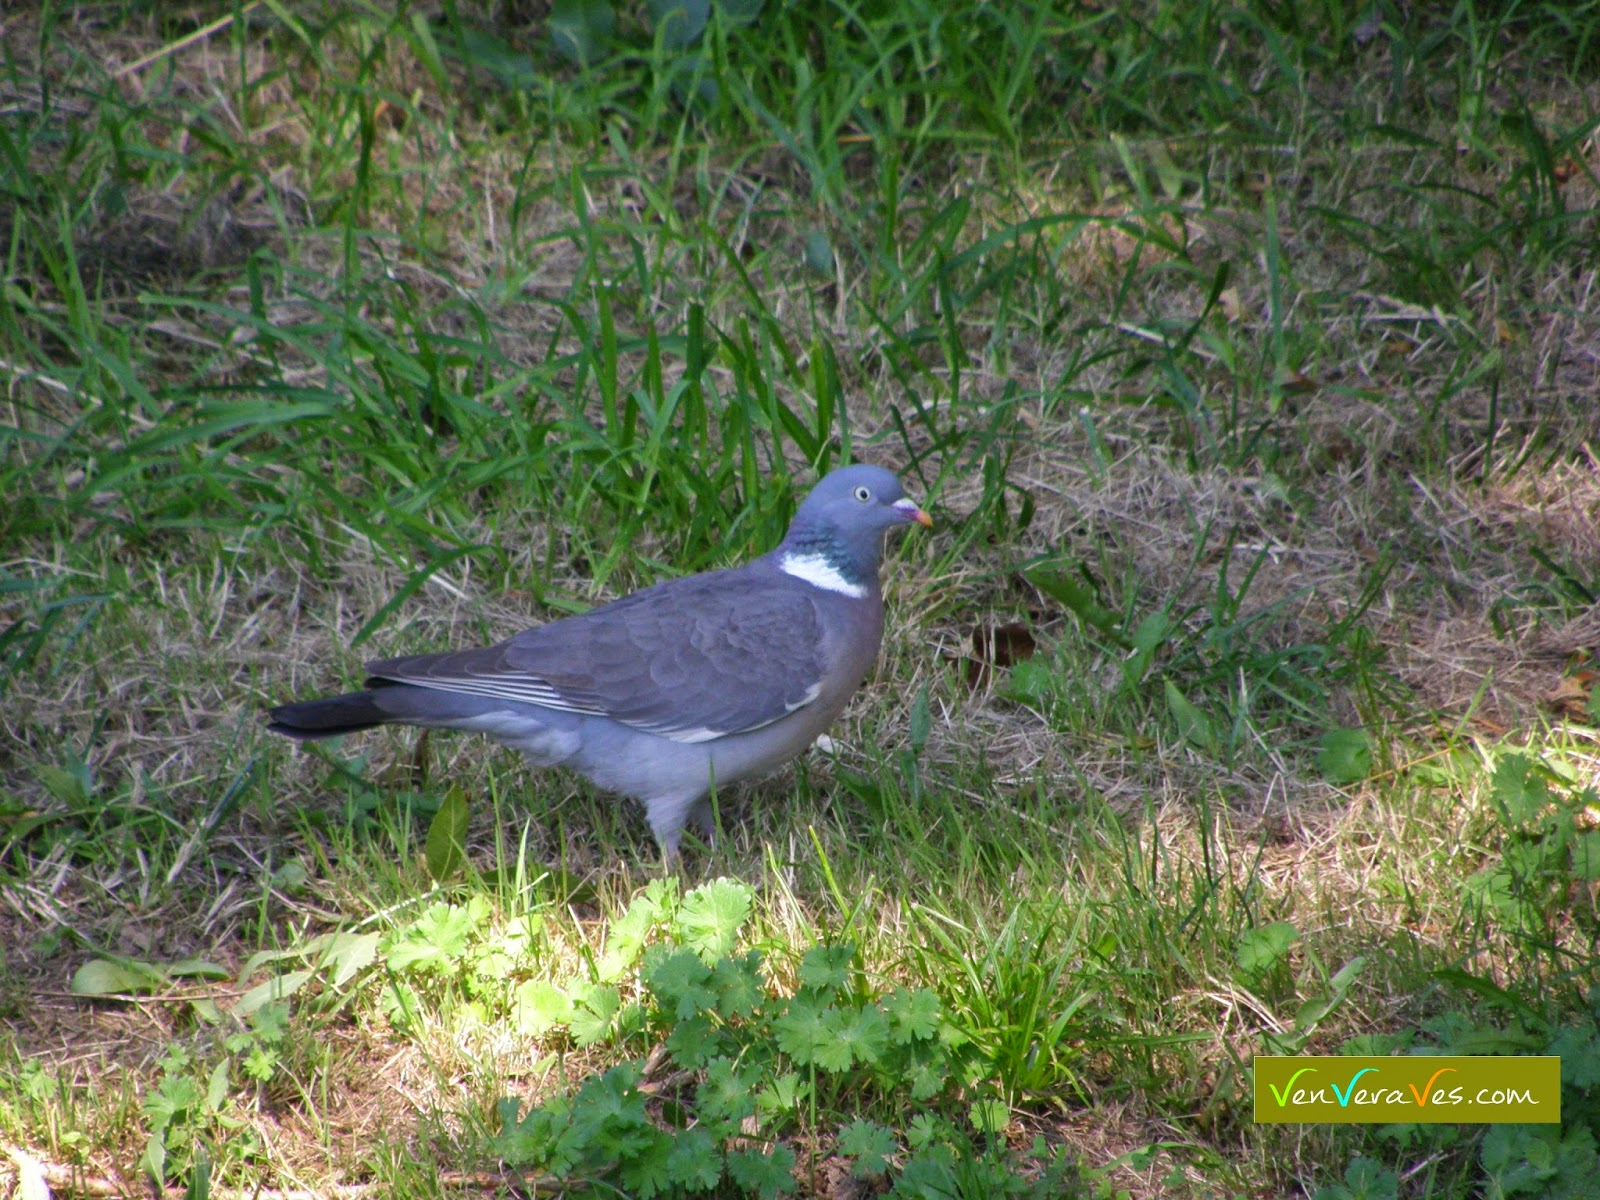 Un pombo camiñando nun parque en Lugo